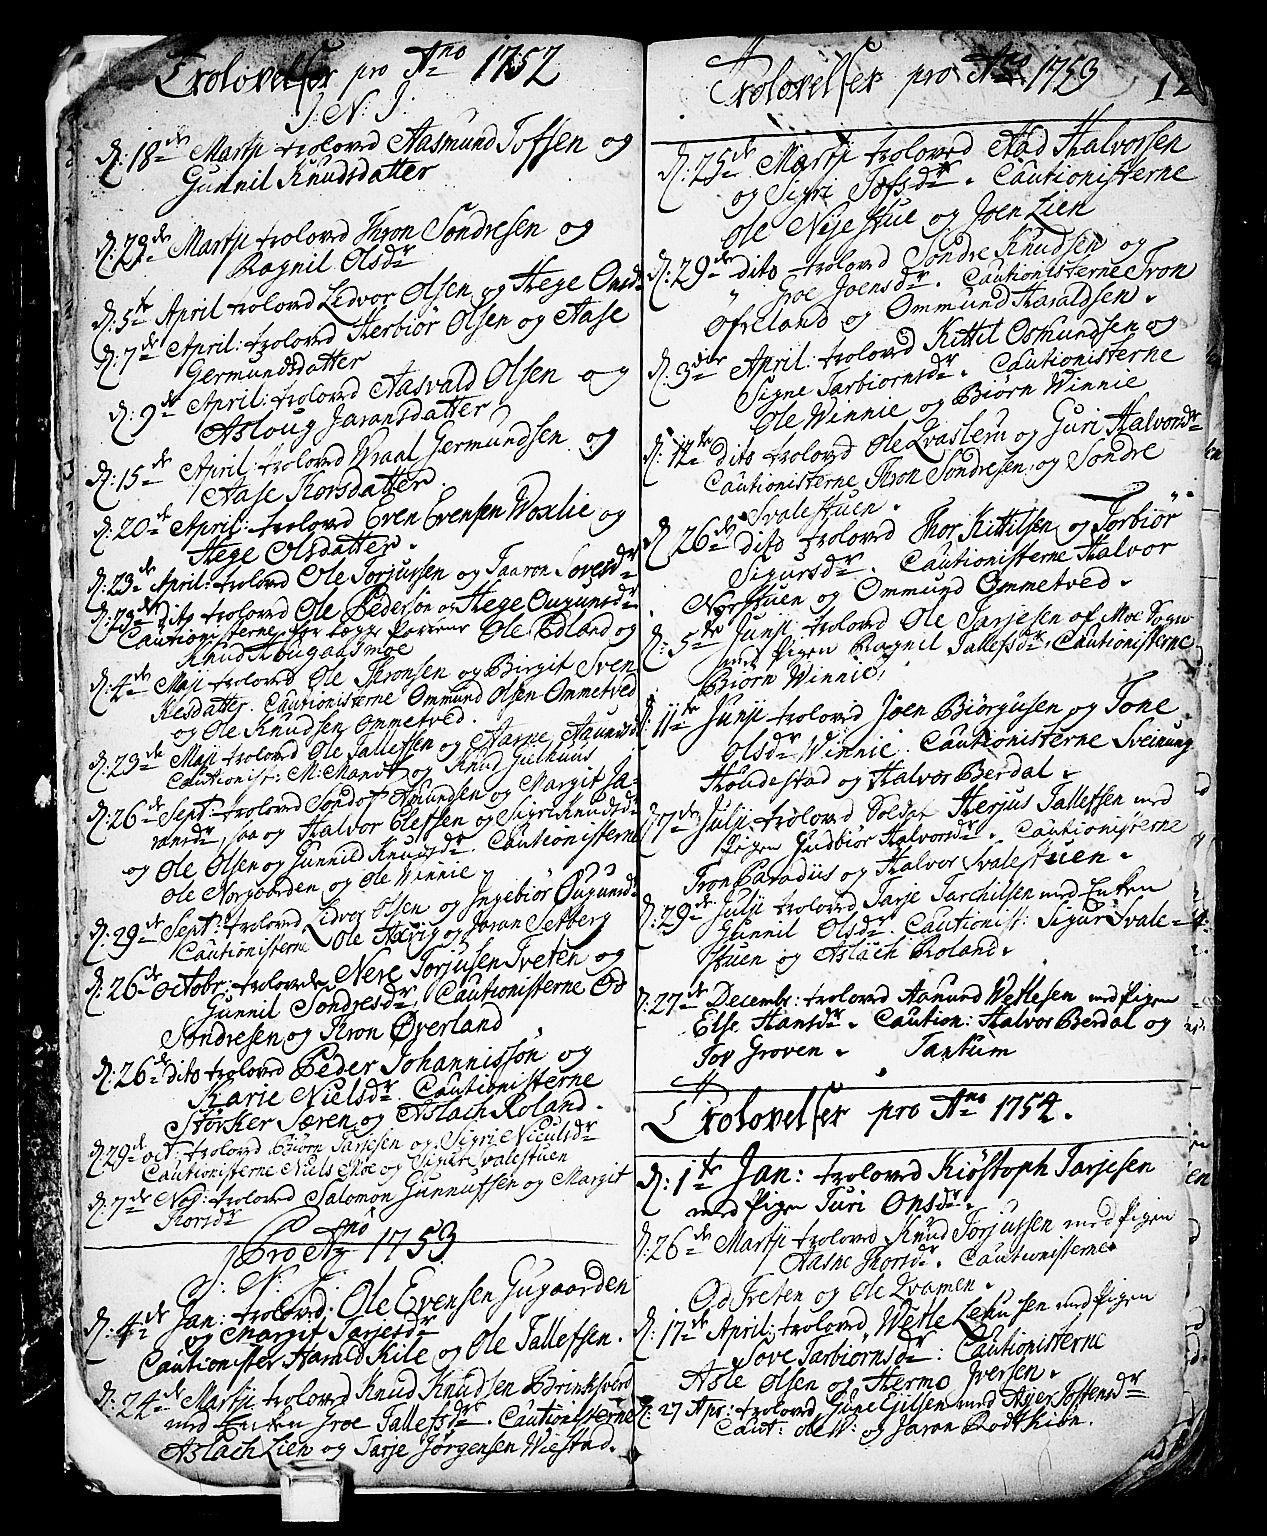 SAKO, Vinje kirkebøker, F/Fa/L0001: Ministerialbok nr. I 1, 1717-1766, s. 12